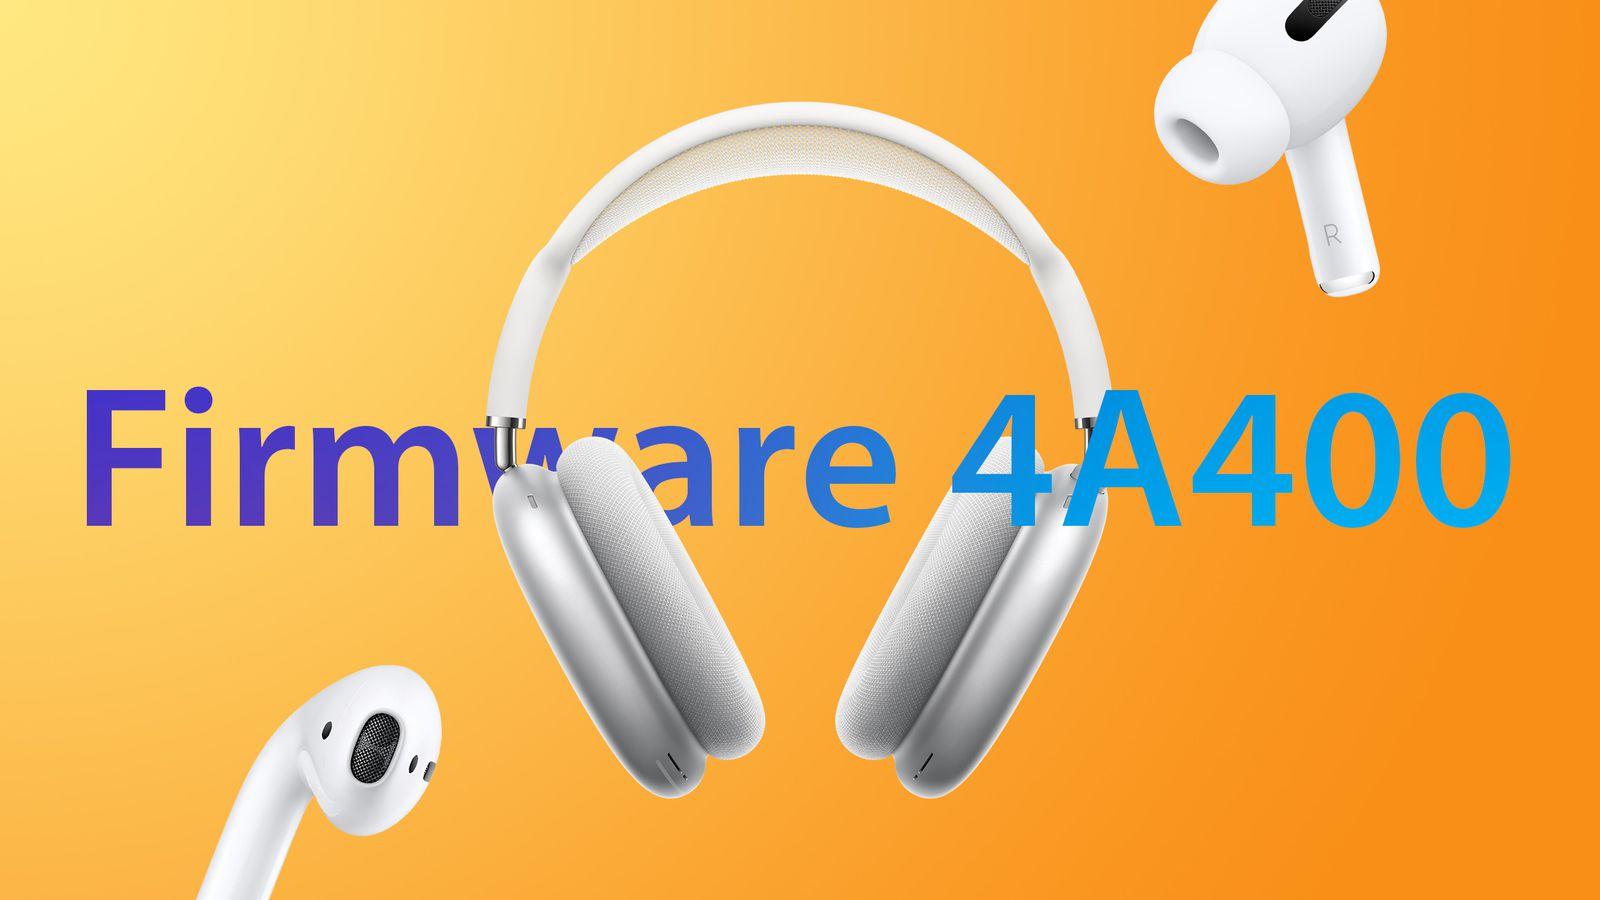 Оновлення прошивки навушників AirPods 2, AirPods Pro та AirPods Max до версії 4A400